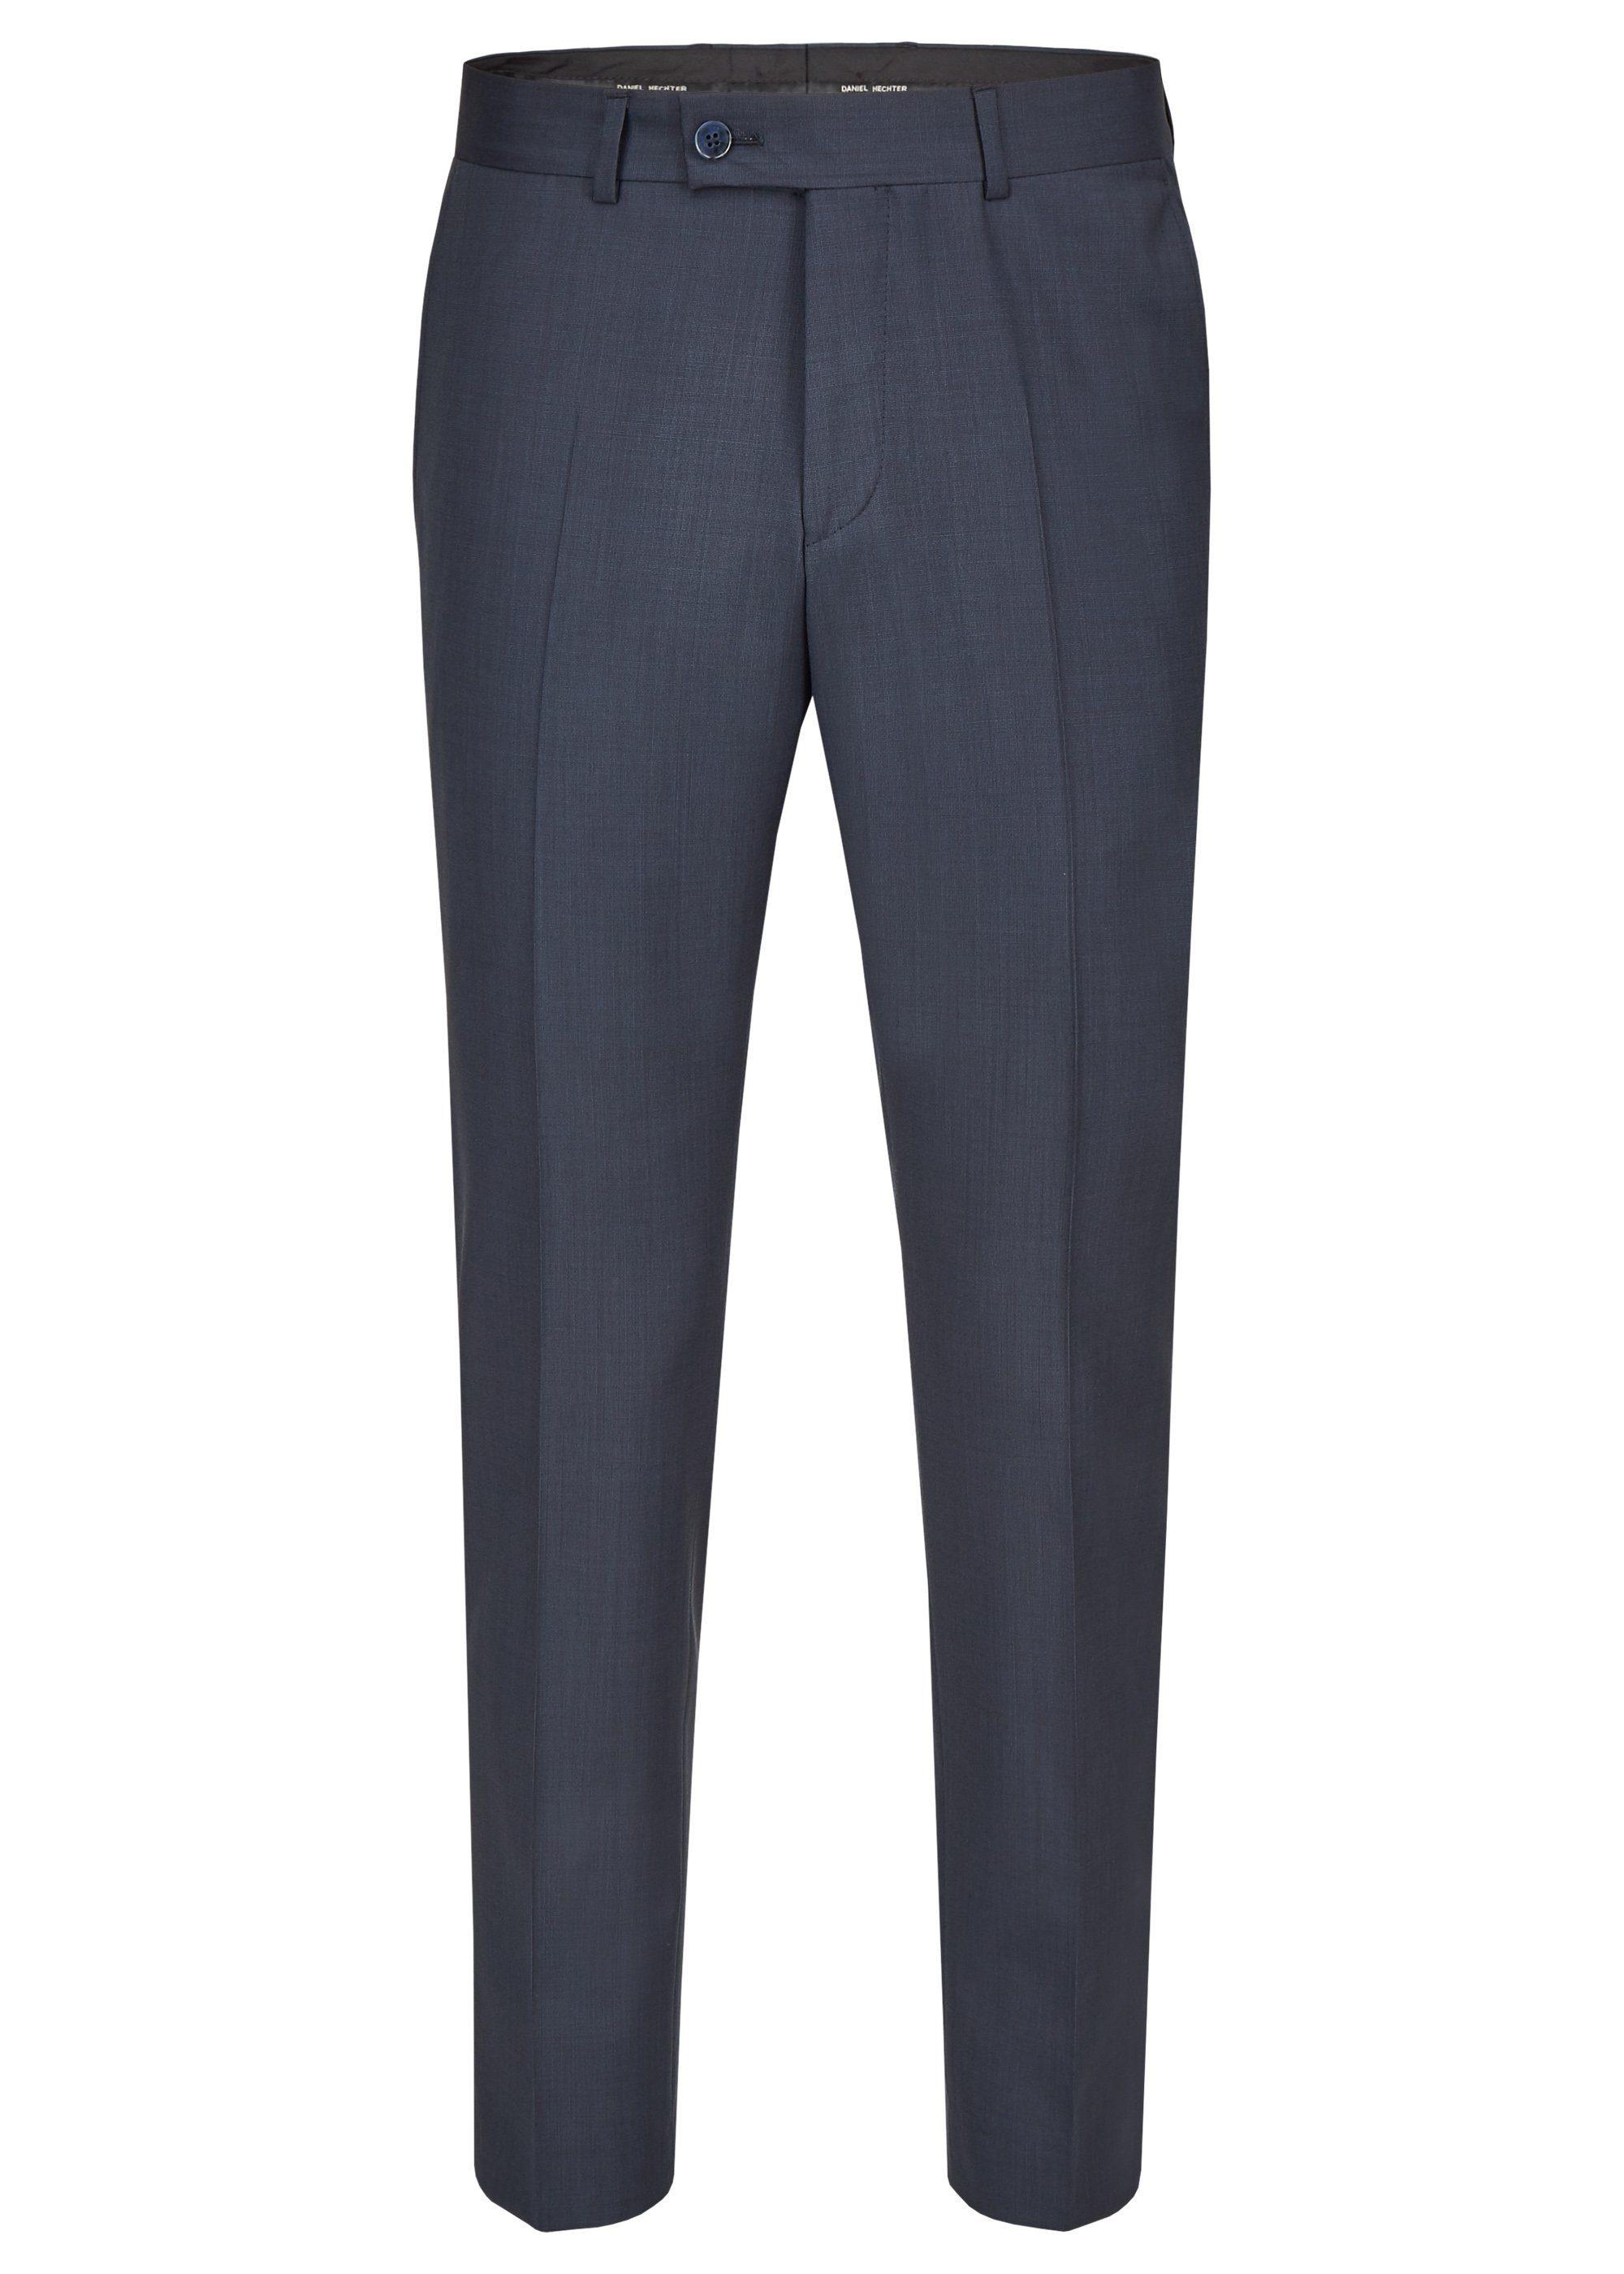 Daniel Hechter Anzughose | Bekleidung > Hosen | Blau | Schurwolle | Daniel Hechter